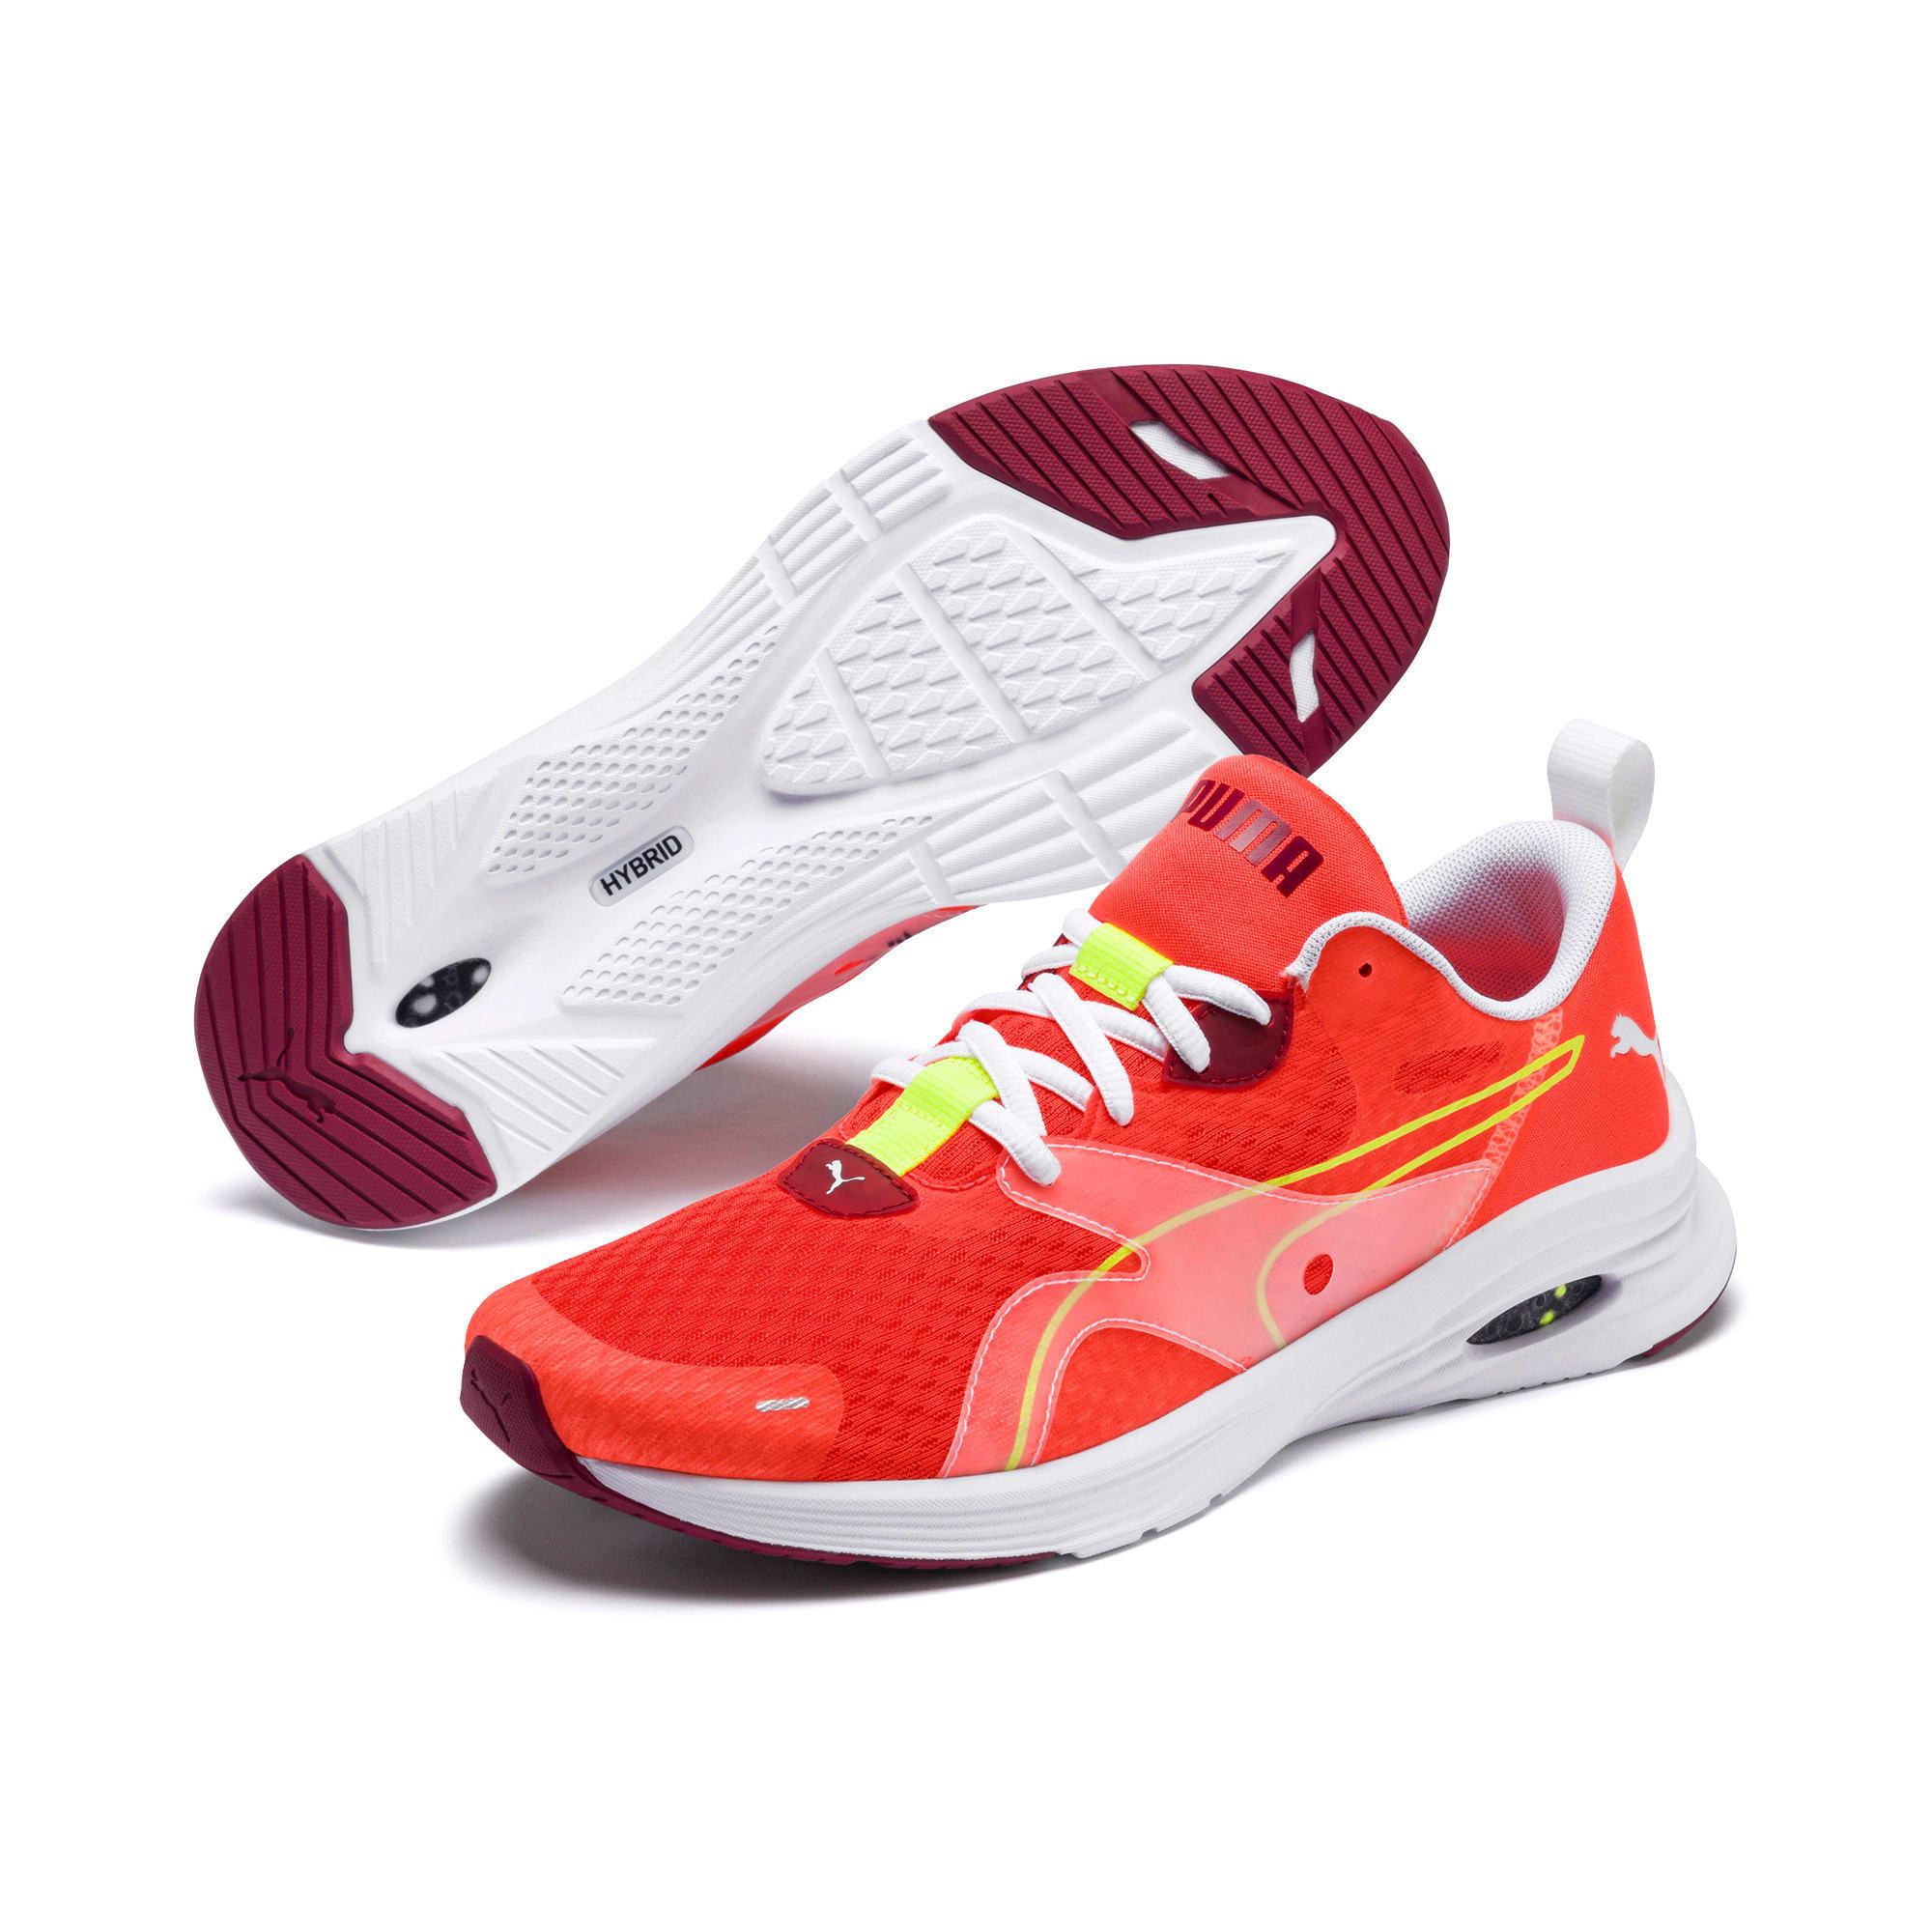 Miniatura 2 de Zapatos para correr HYBRID Fuego para hombre, Nrgy Red-Rhubarb, mediano